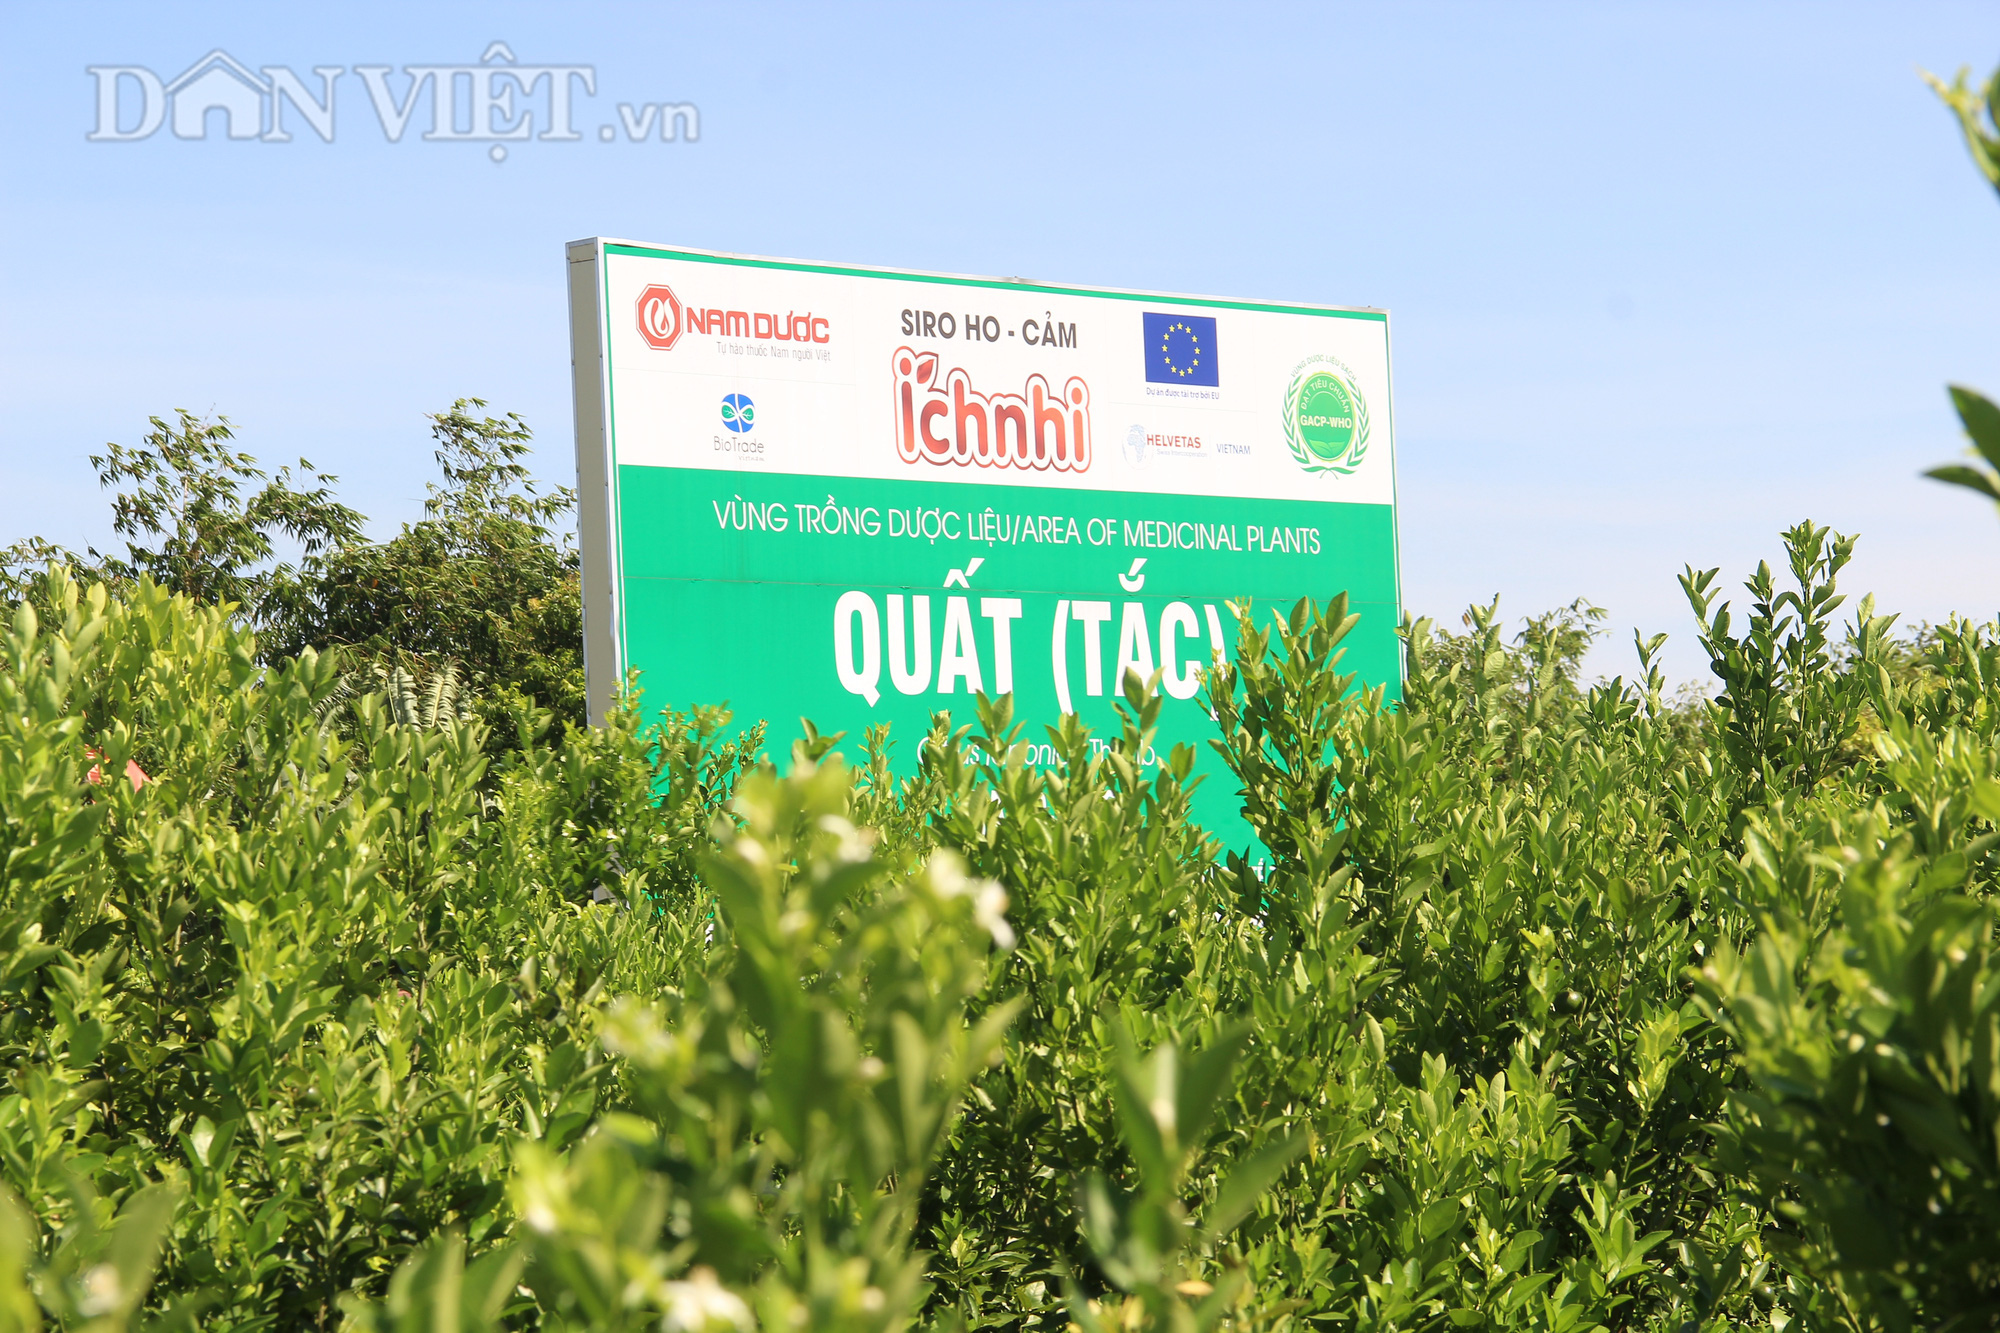 Nam Định: Trồng quất dược liệu, nông dân khỏe re tự tin thu tiền tỷ - Ảnh 2.